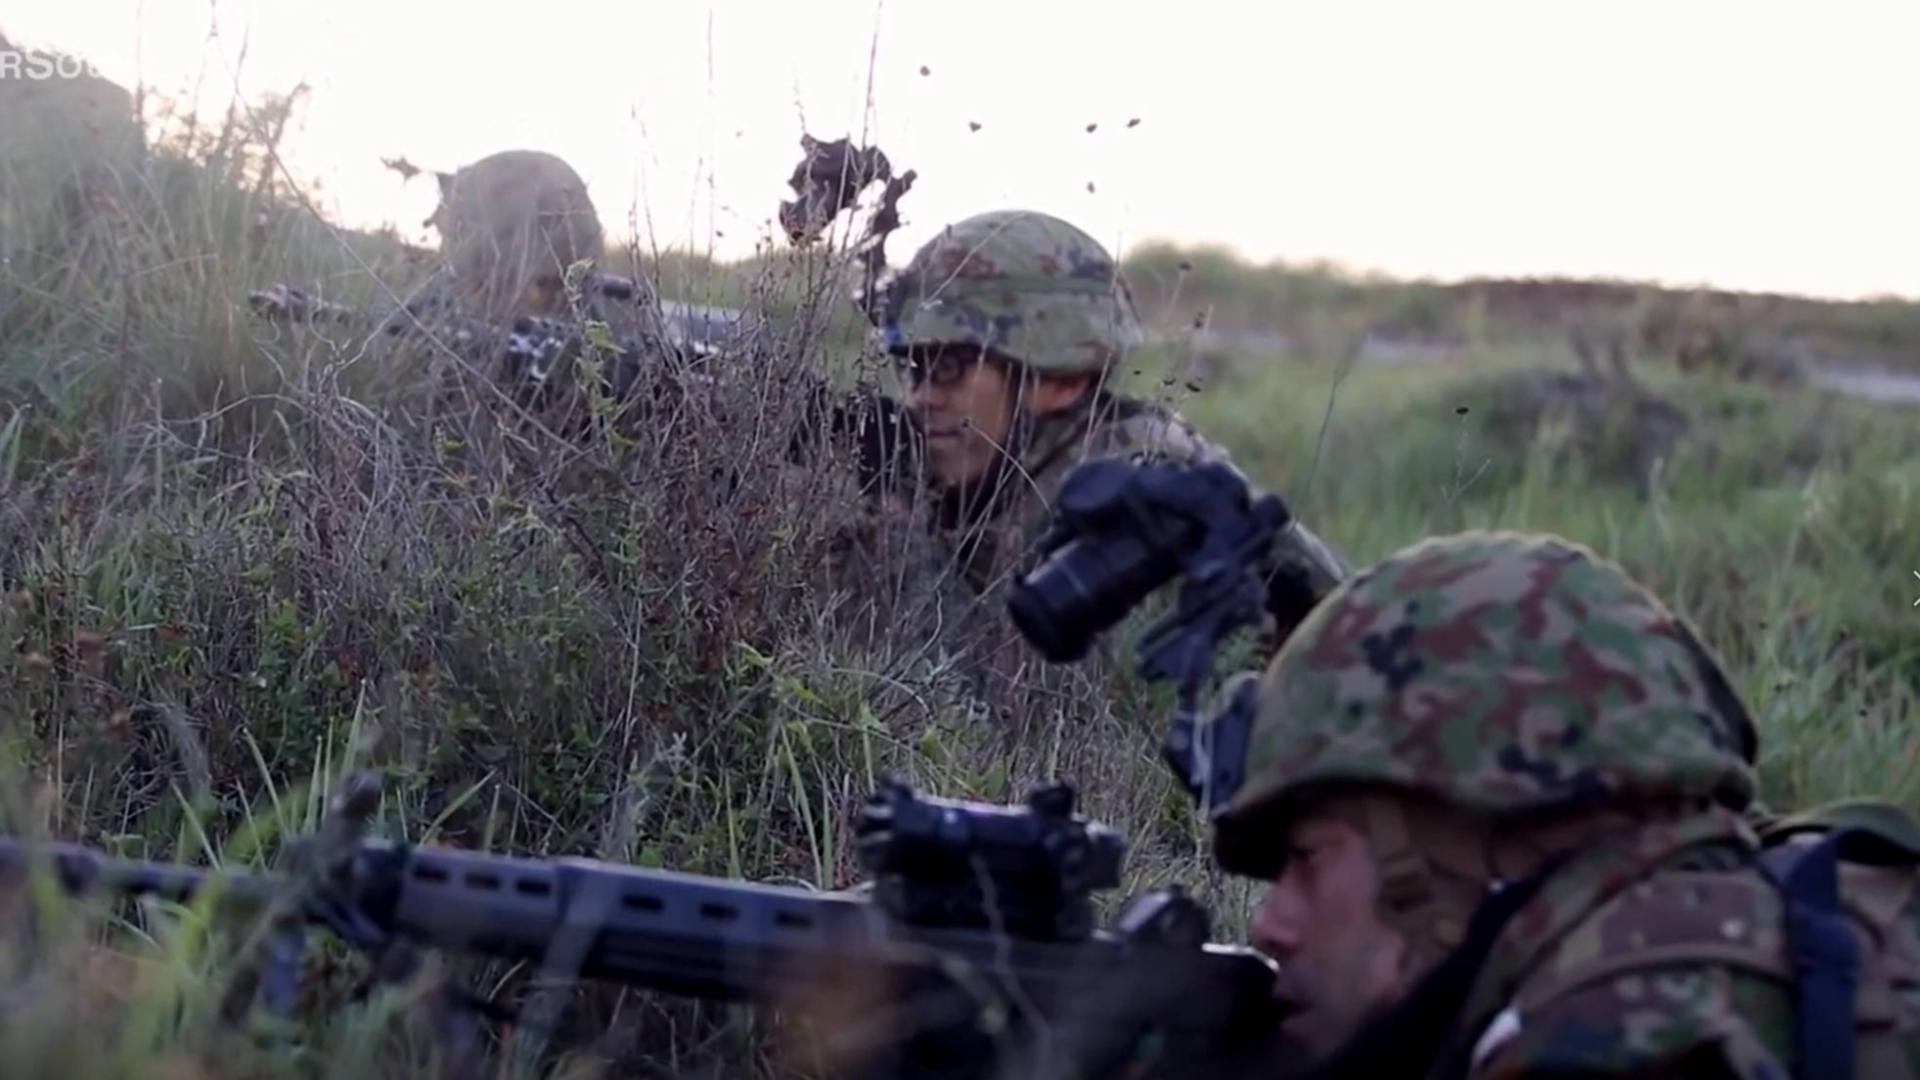 【凯申搬运】【生肉】陆上自卫队普通科连队伏击空降之敌演习画面